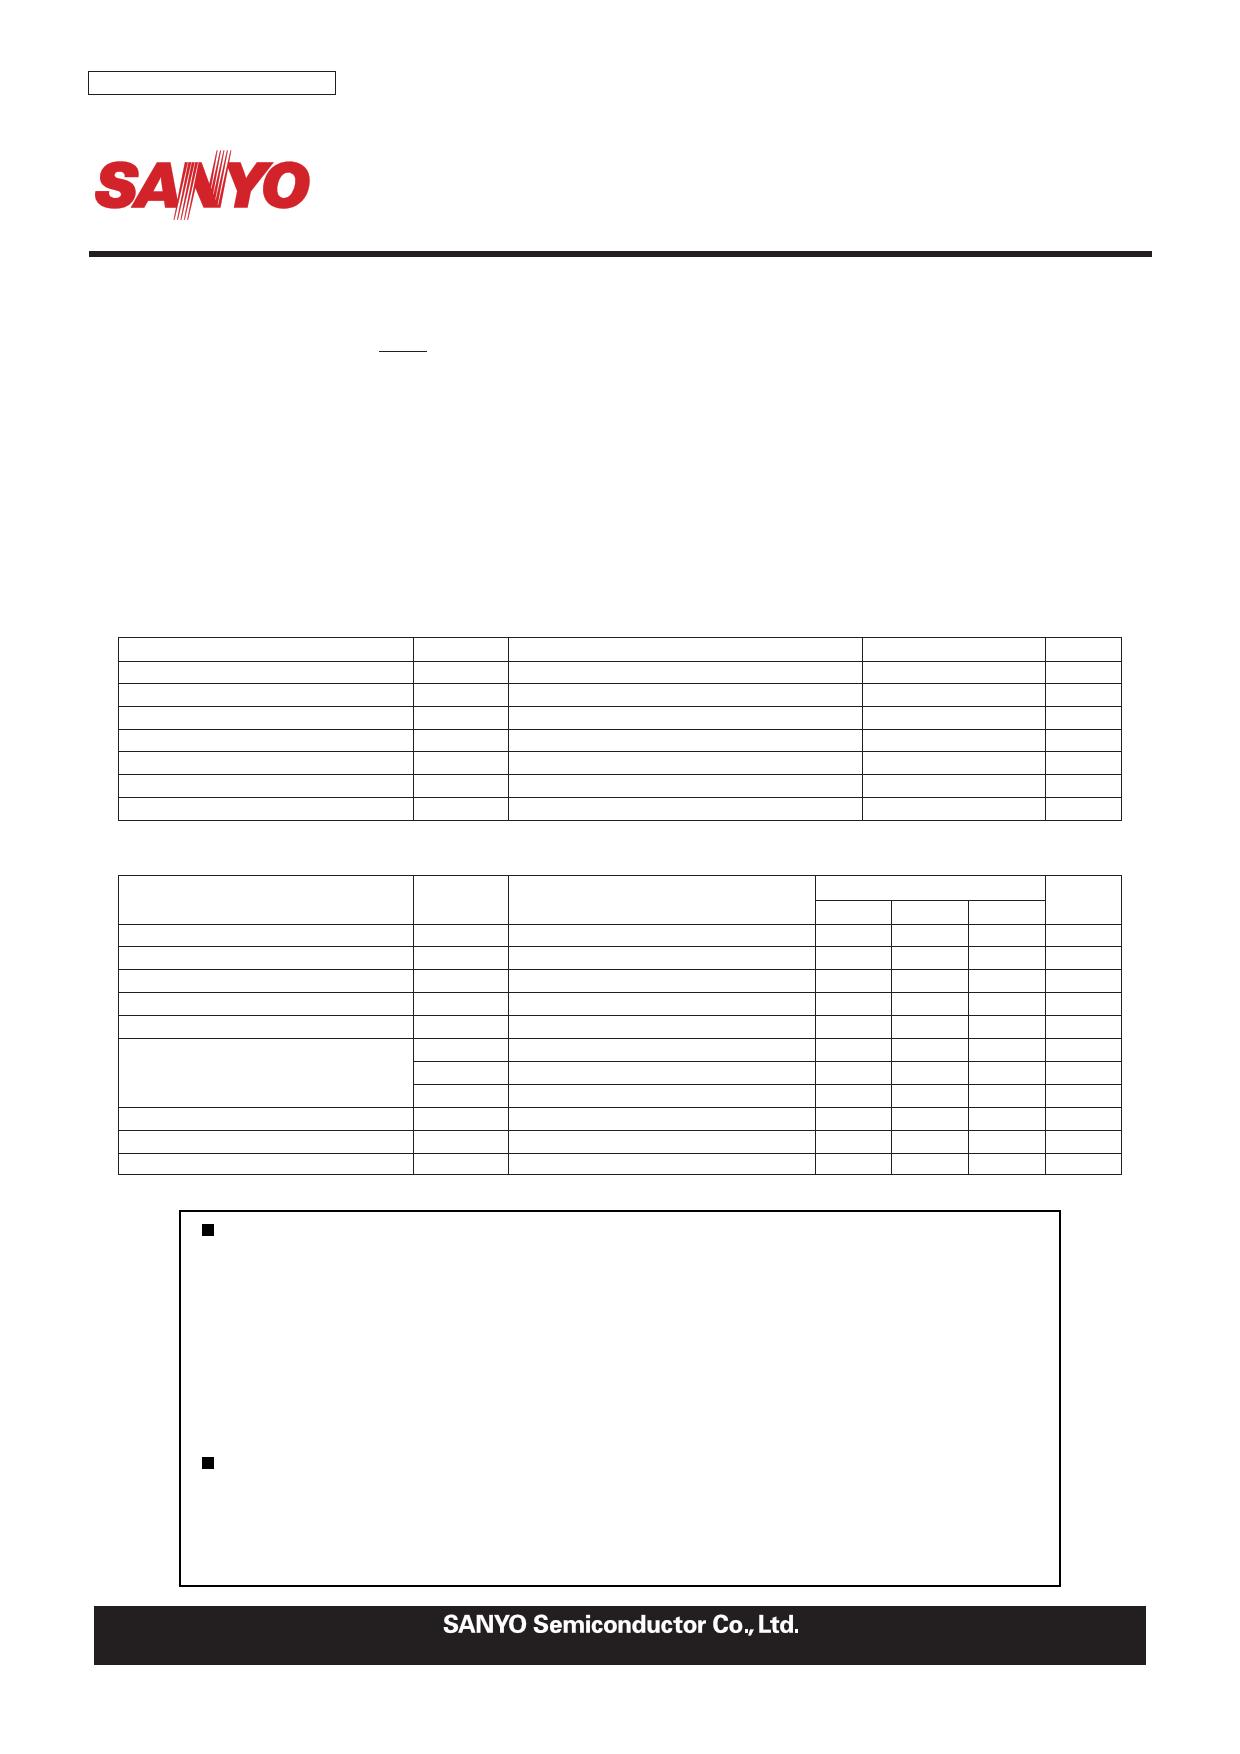 6LN04SS Hoja de datos, Descripción, Manual